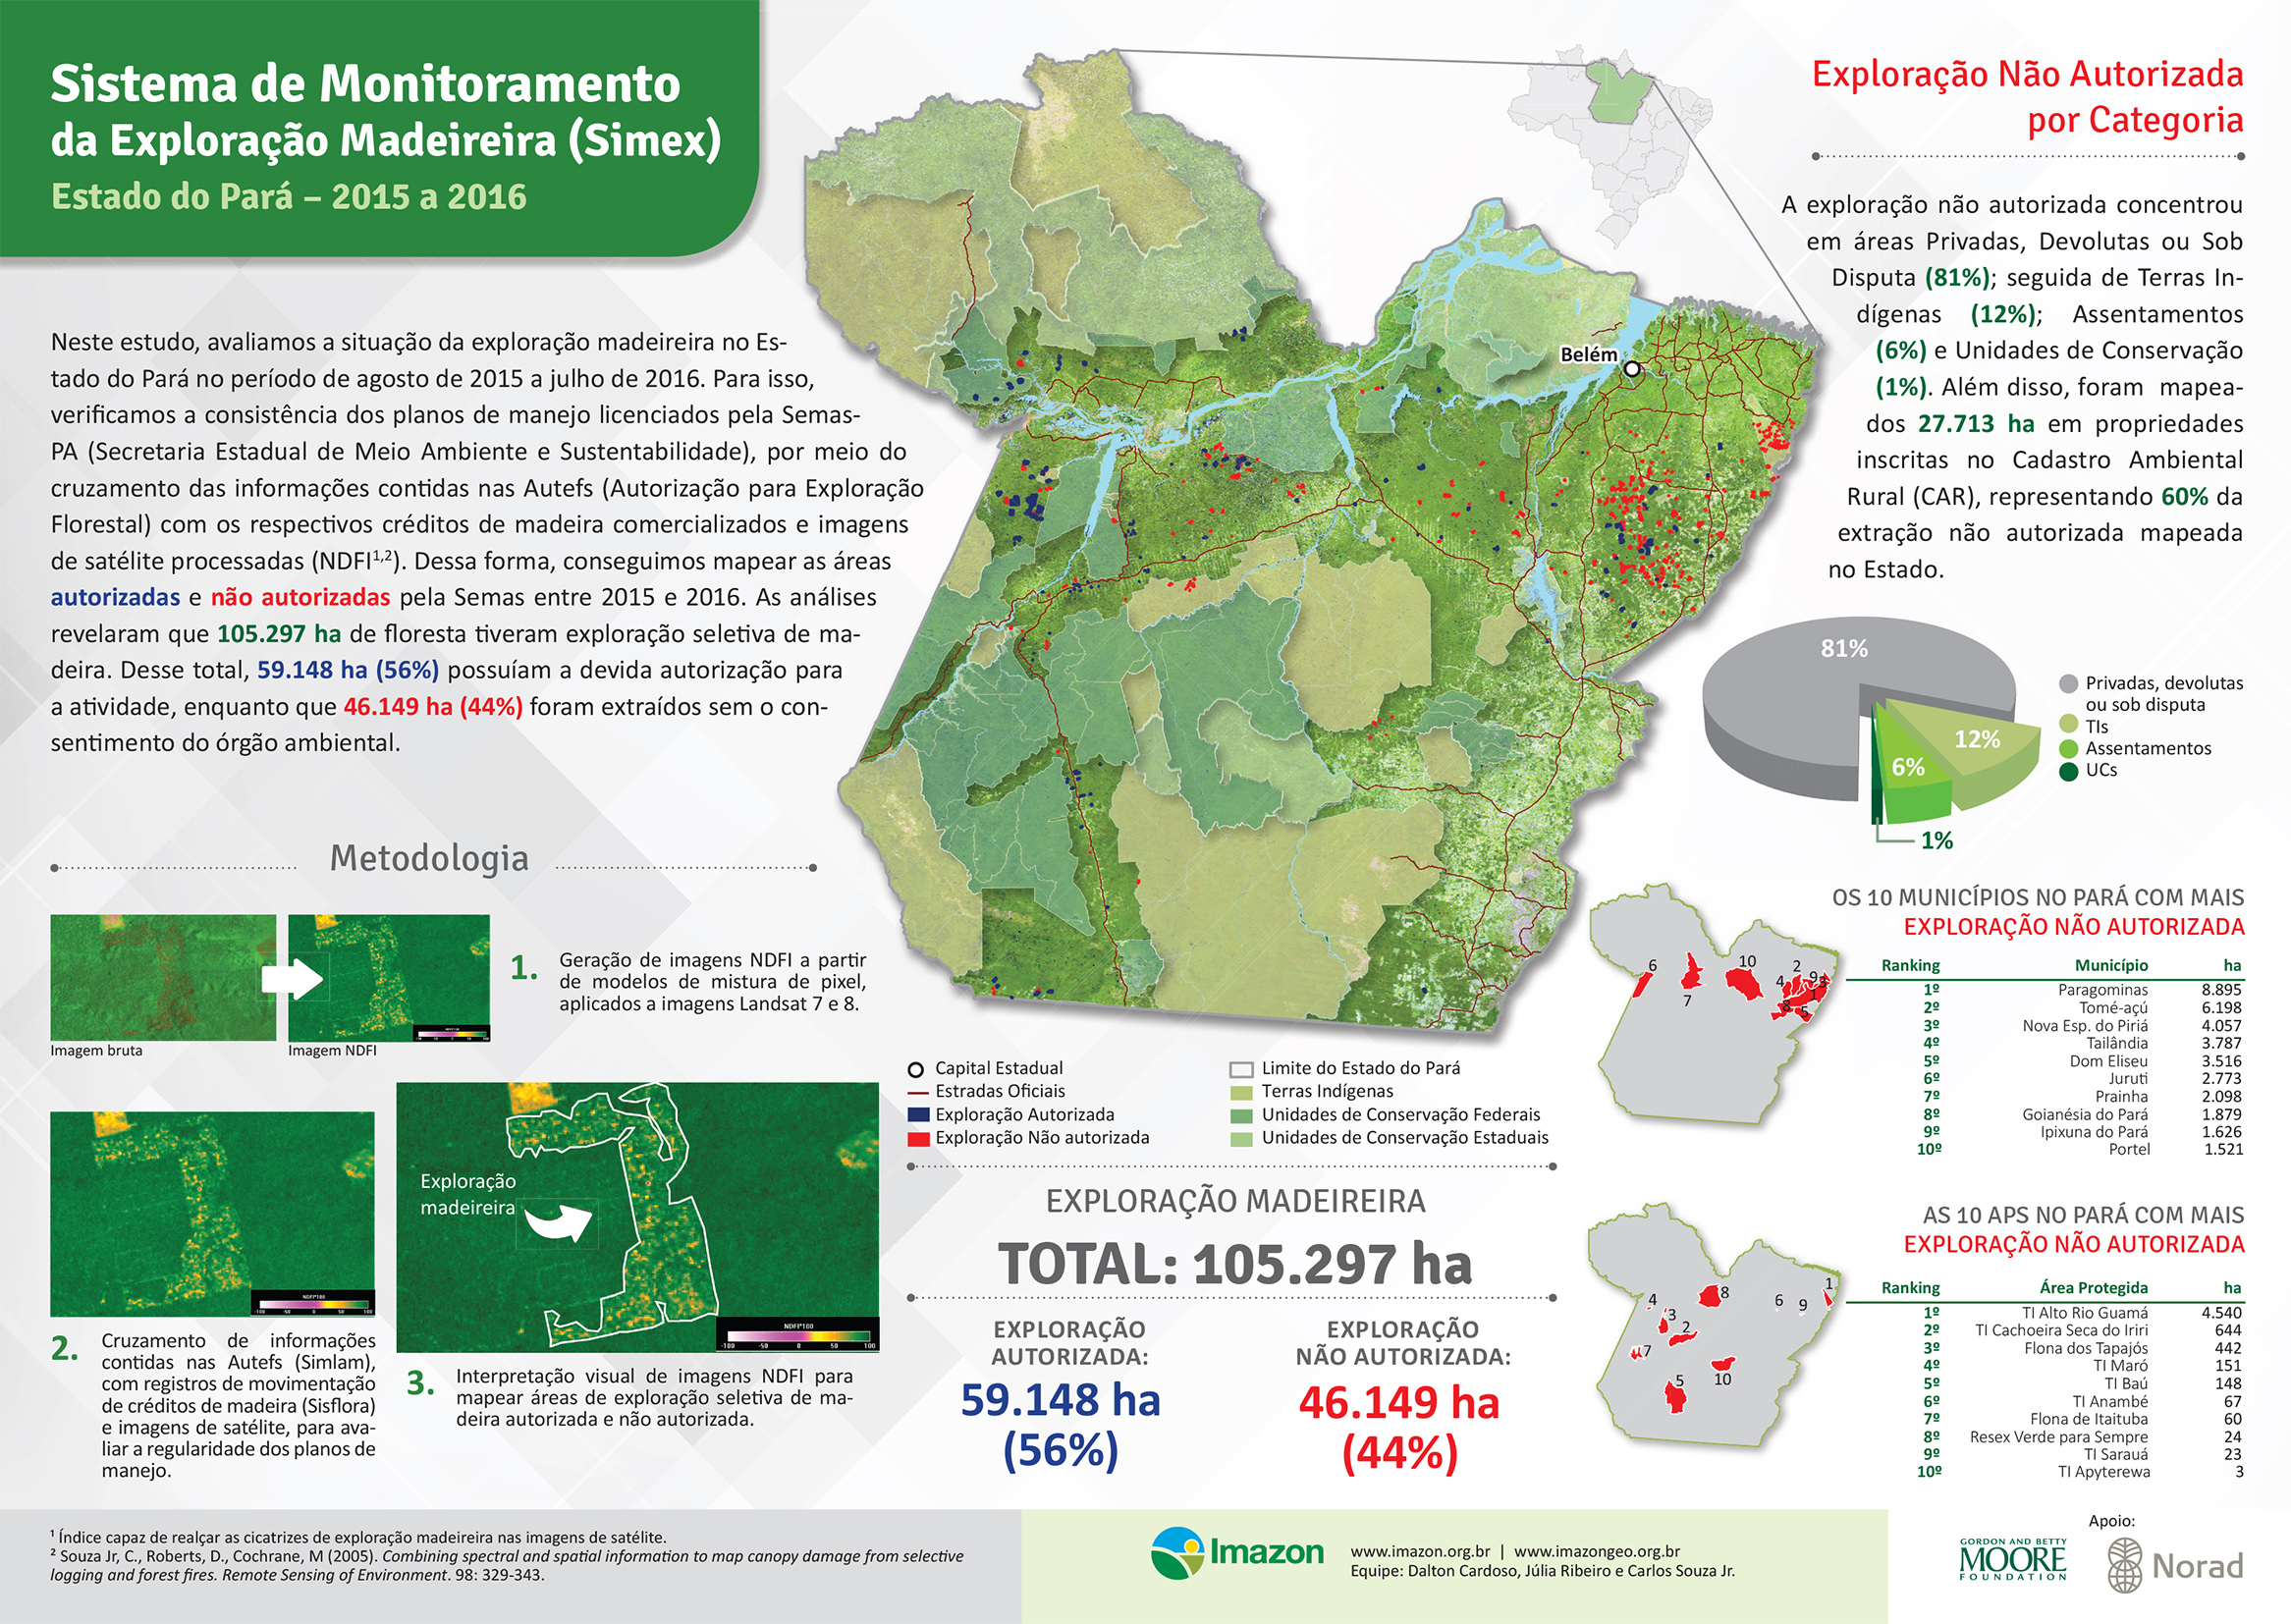 Infografico Simex Pará 2015 20161 - Sistema de Monitoramento da Exploração Madeireira (Simex): Estado do Pará 2015-2016